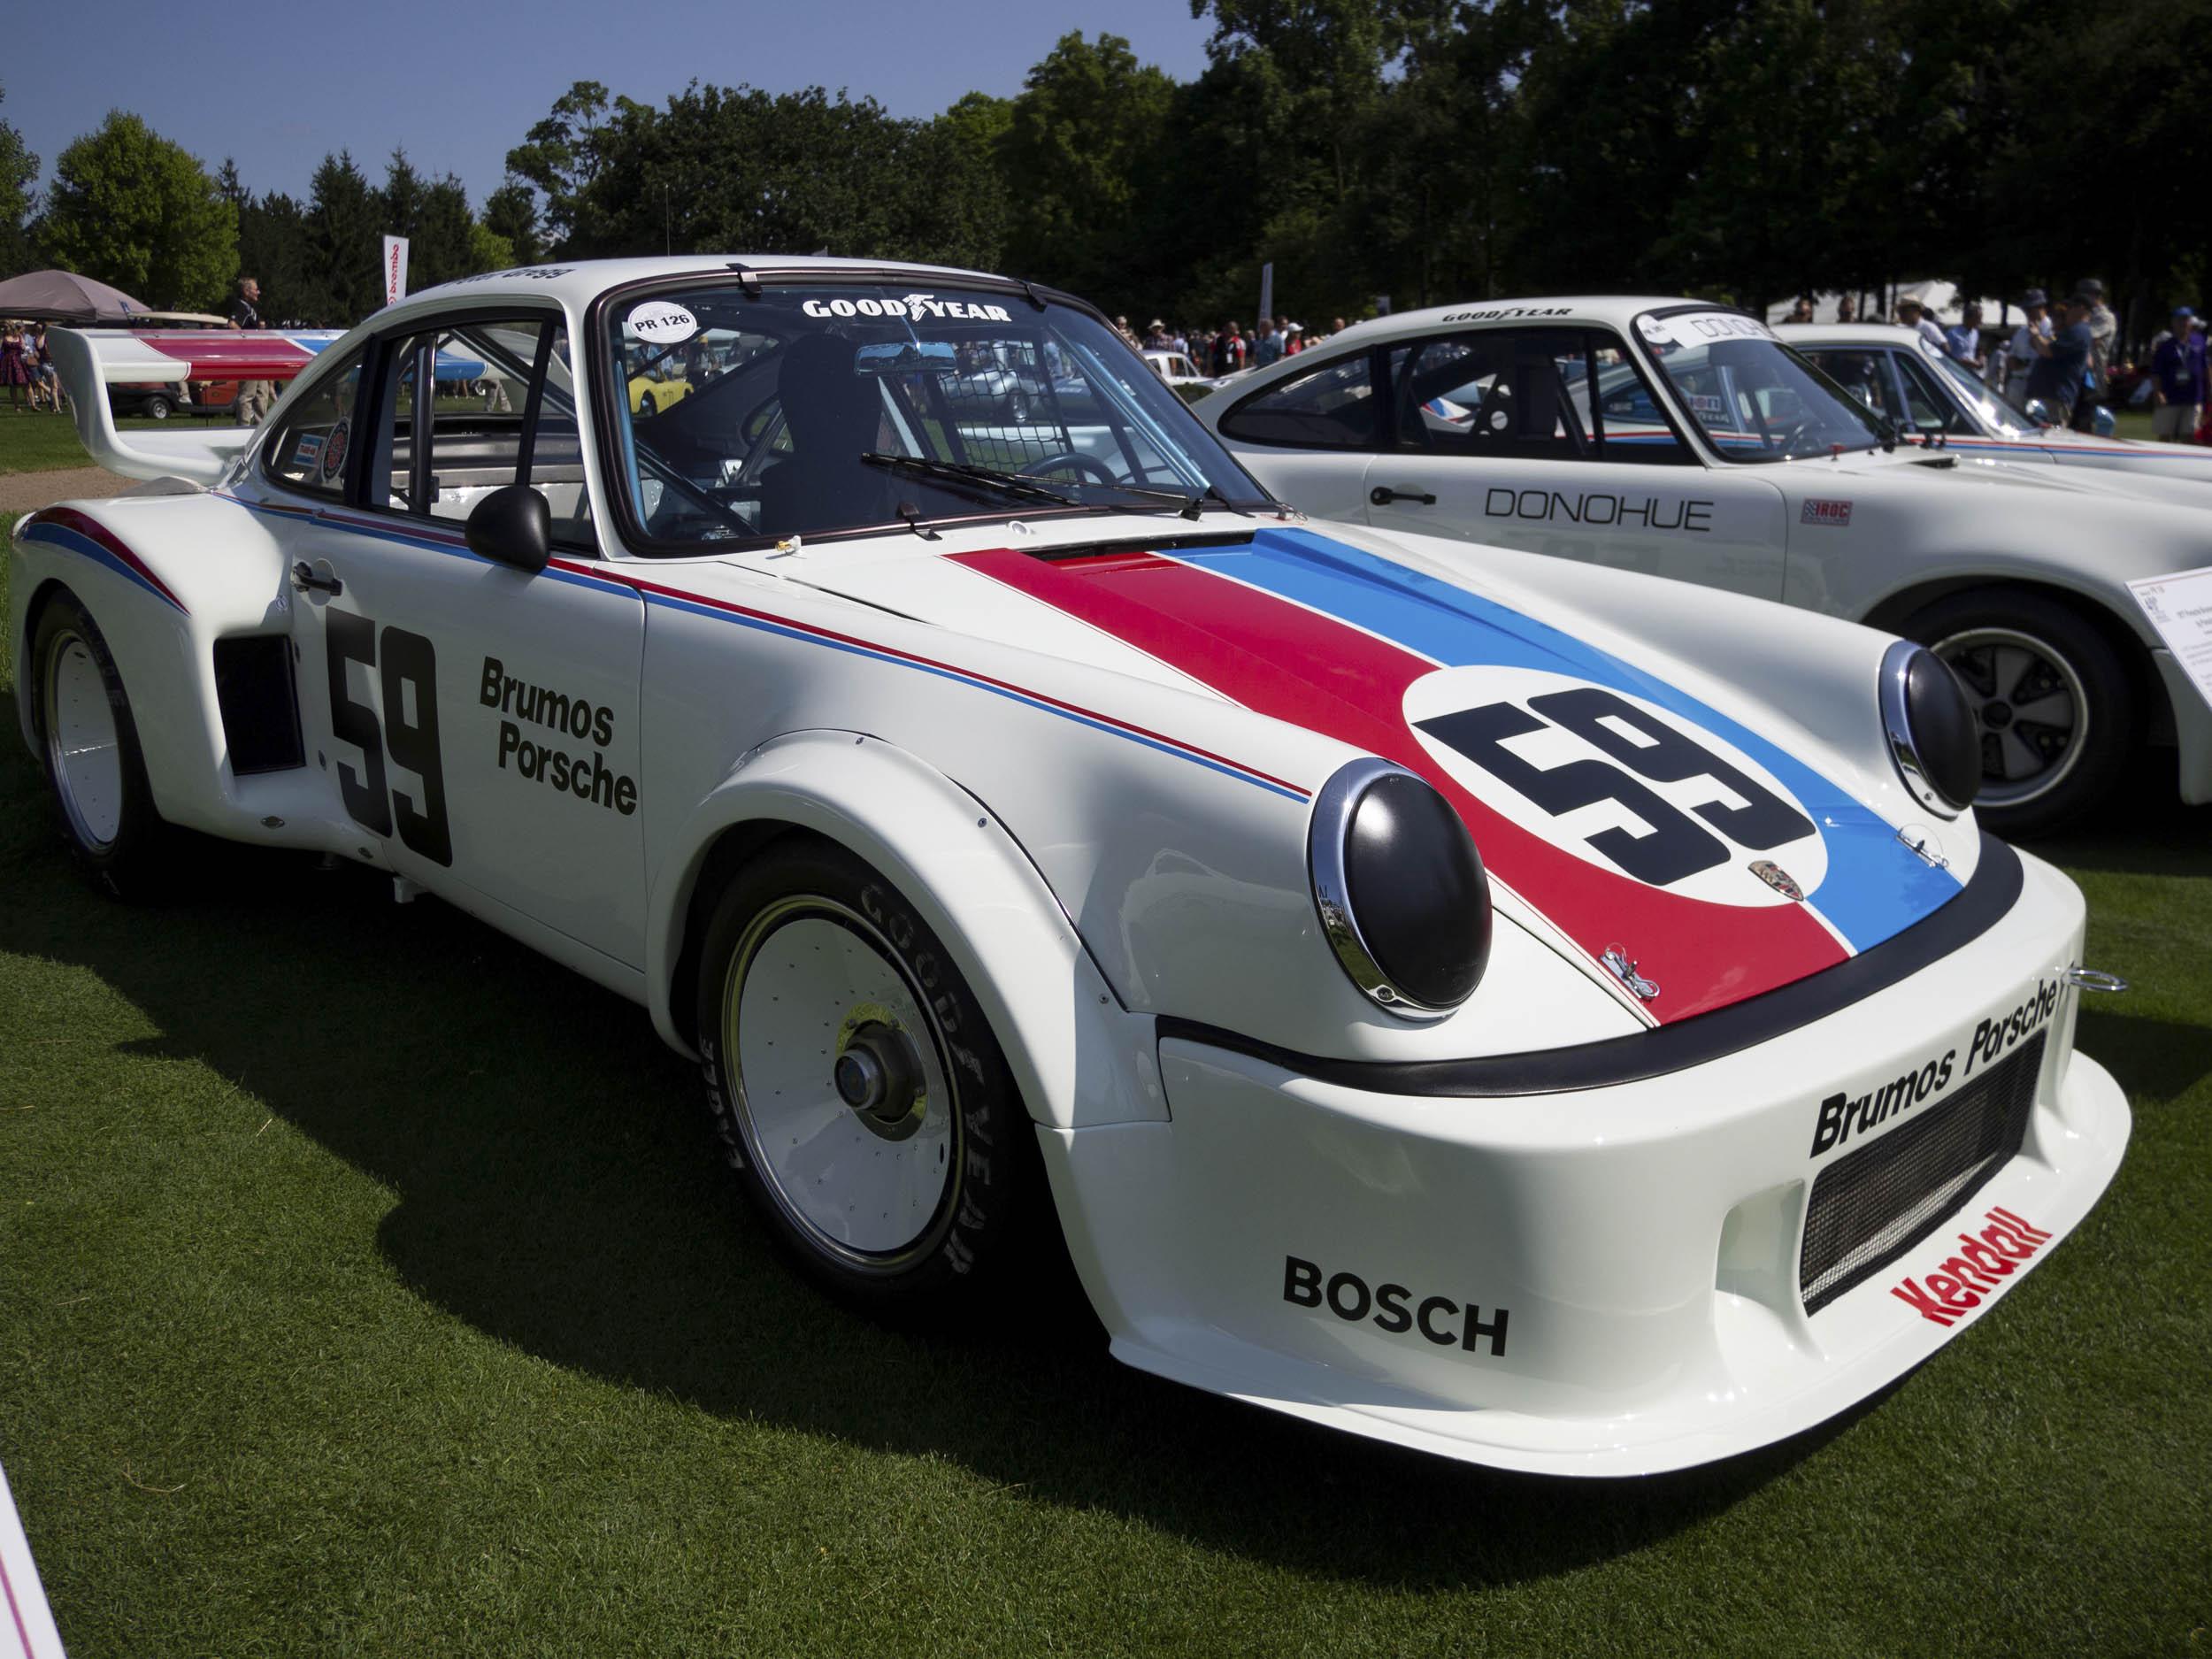 1977 Porsche Brumos 934.5 front 3/4